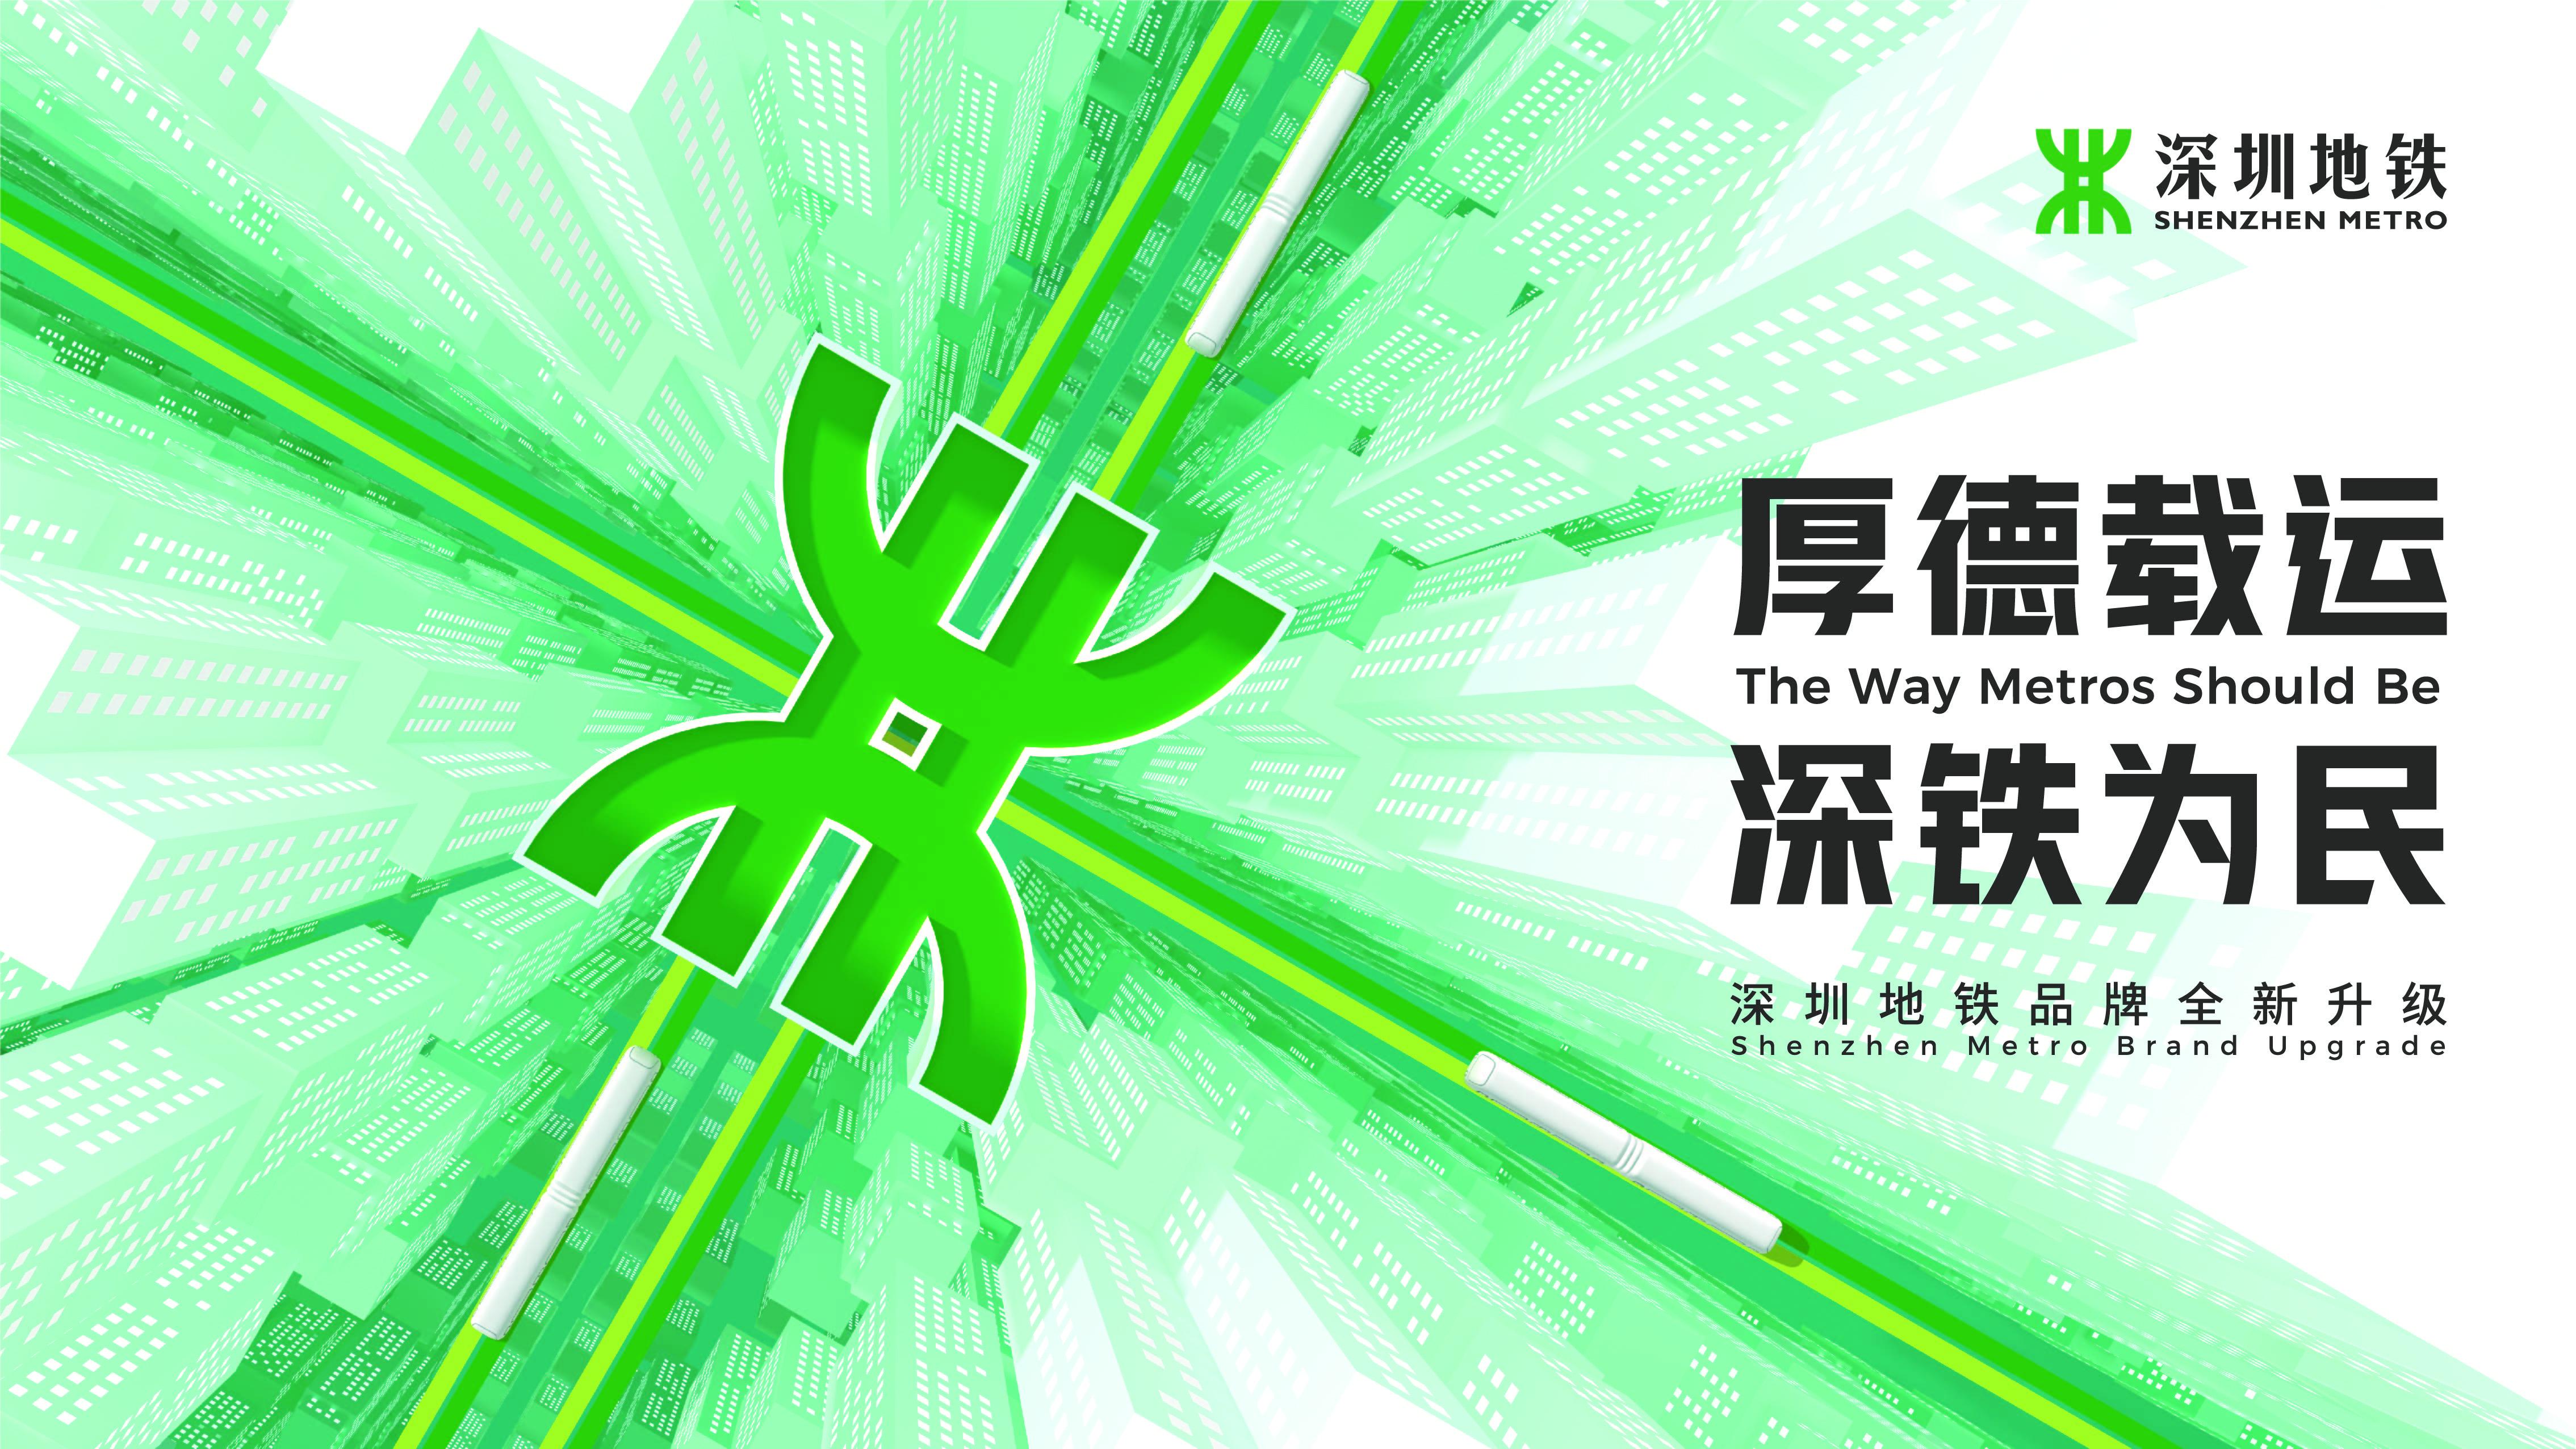 深圳地铁集团品牌升级发布会现场剪辑版